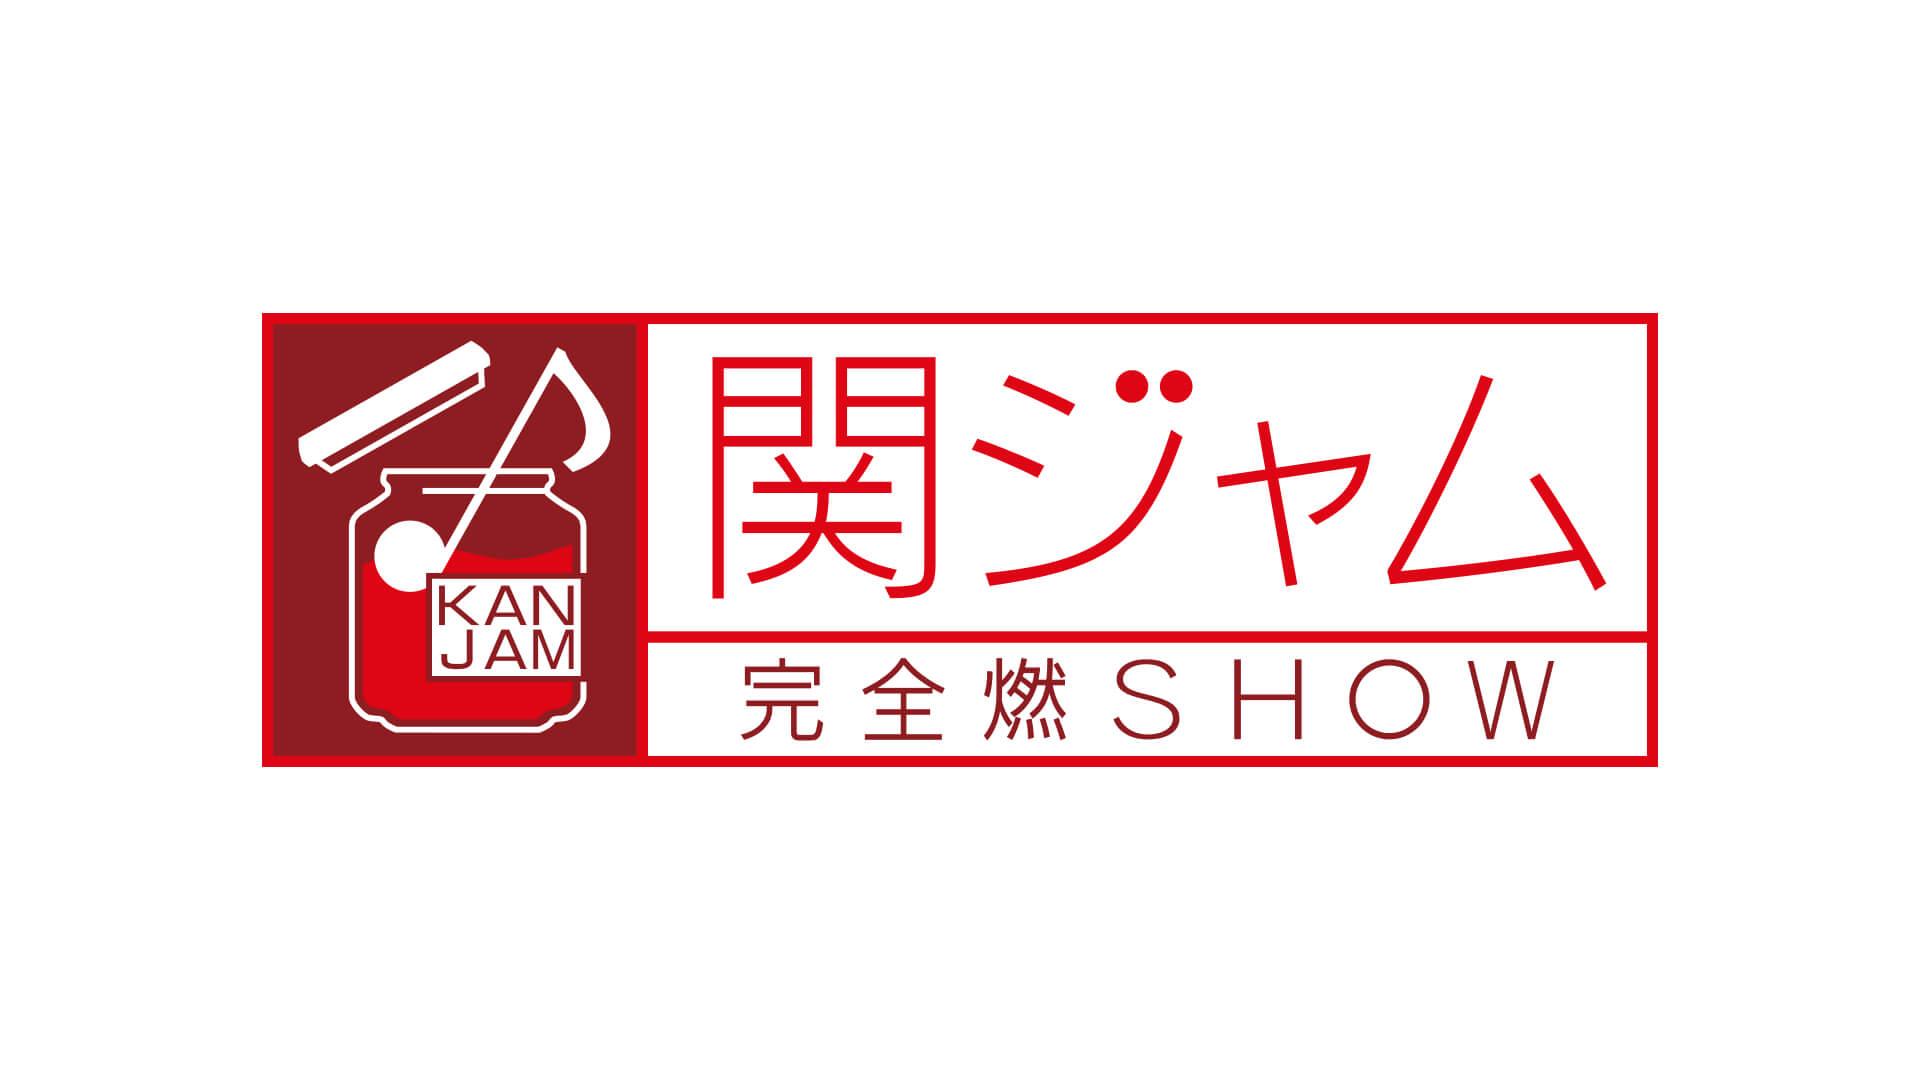 『関ジャム 完全燃SHOW』にyurinasiaが初登場!TAKAHIROとの共演も実現 art210804_yurinasia_kanjam_1